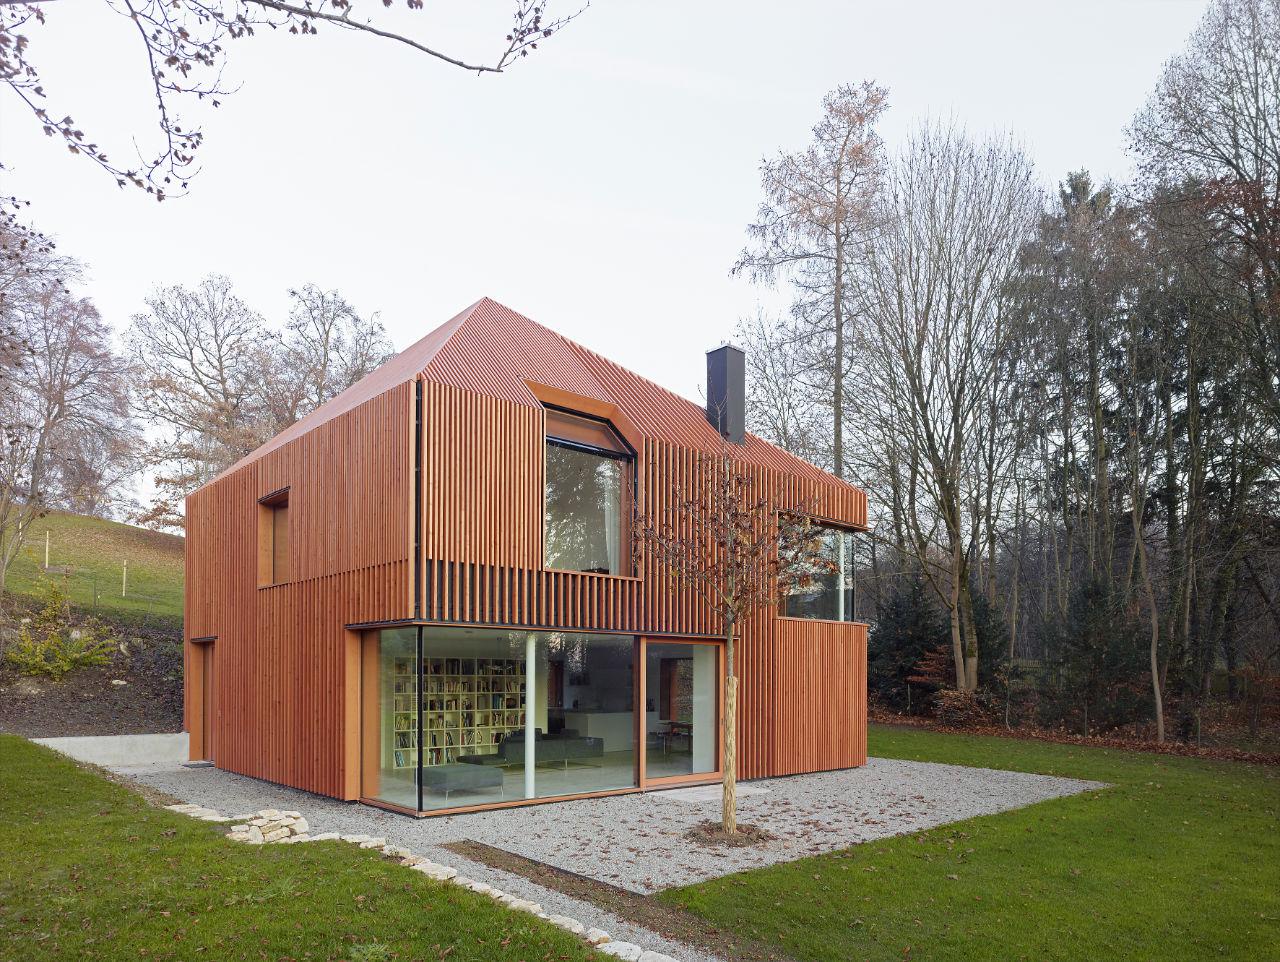 Casa 11 x 11 / Titus Bernhard Architekten, © Titus Bernhard Architekten